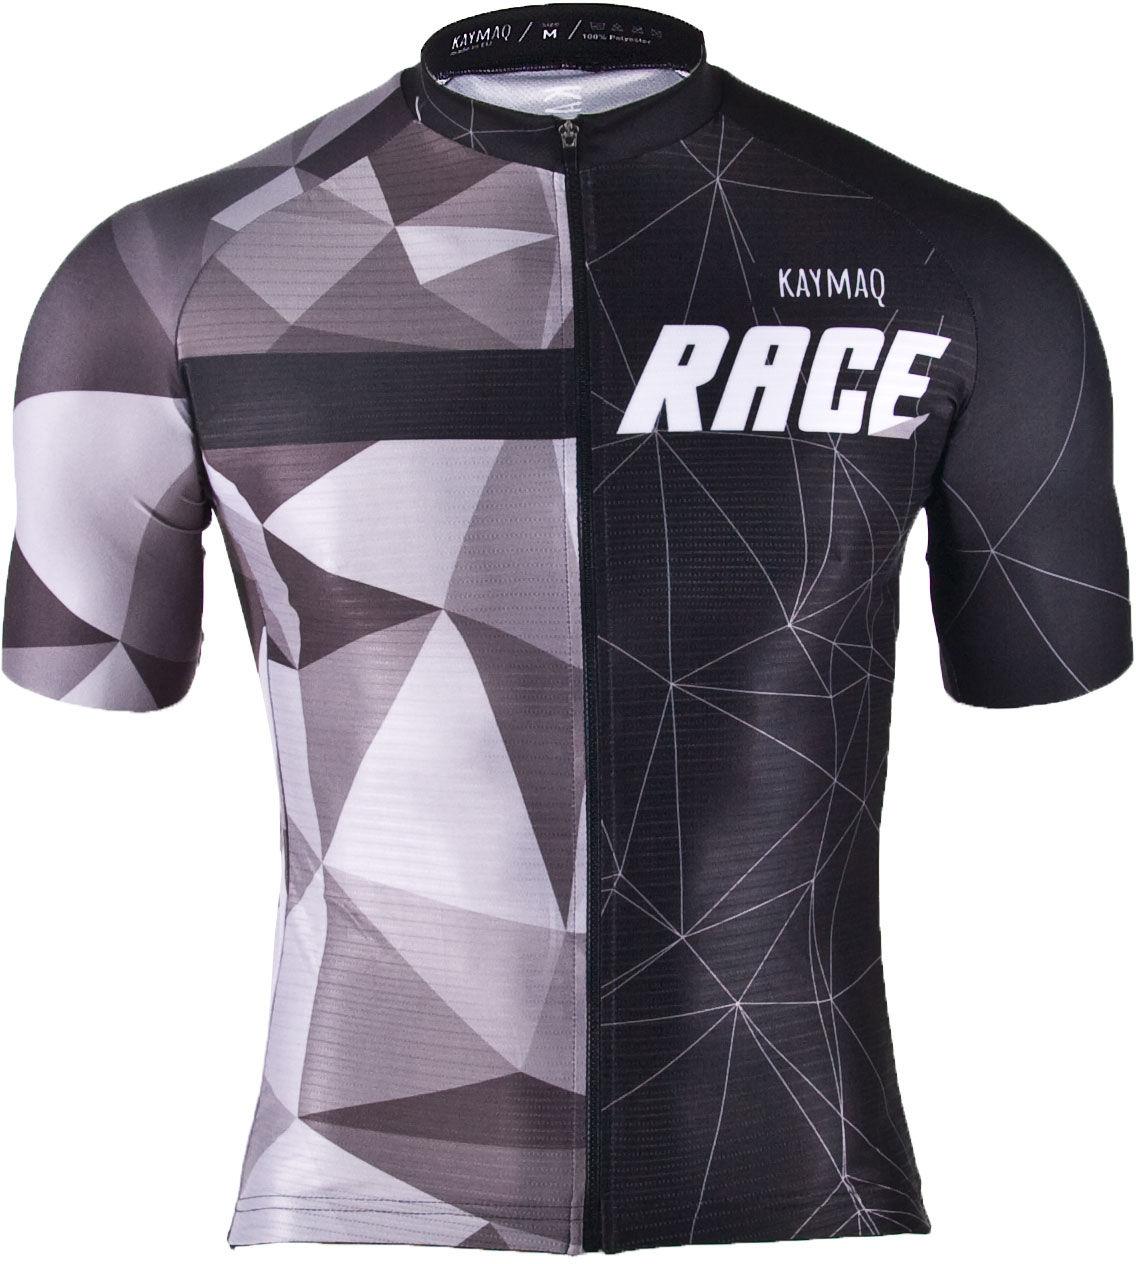 KAYMAQ M30 RACE męska koszulka rowerowa z krótkim rękawem czarny-szary Rozmiar: L,m30raceczarnoszary